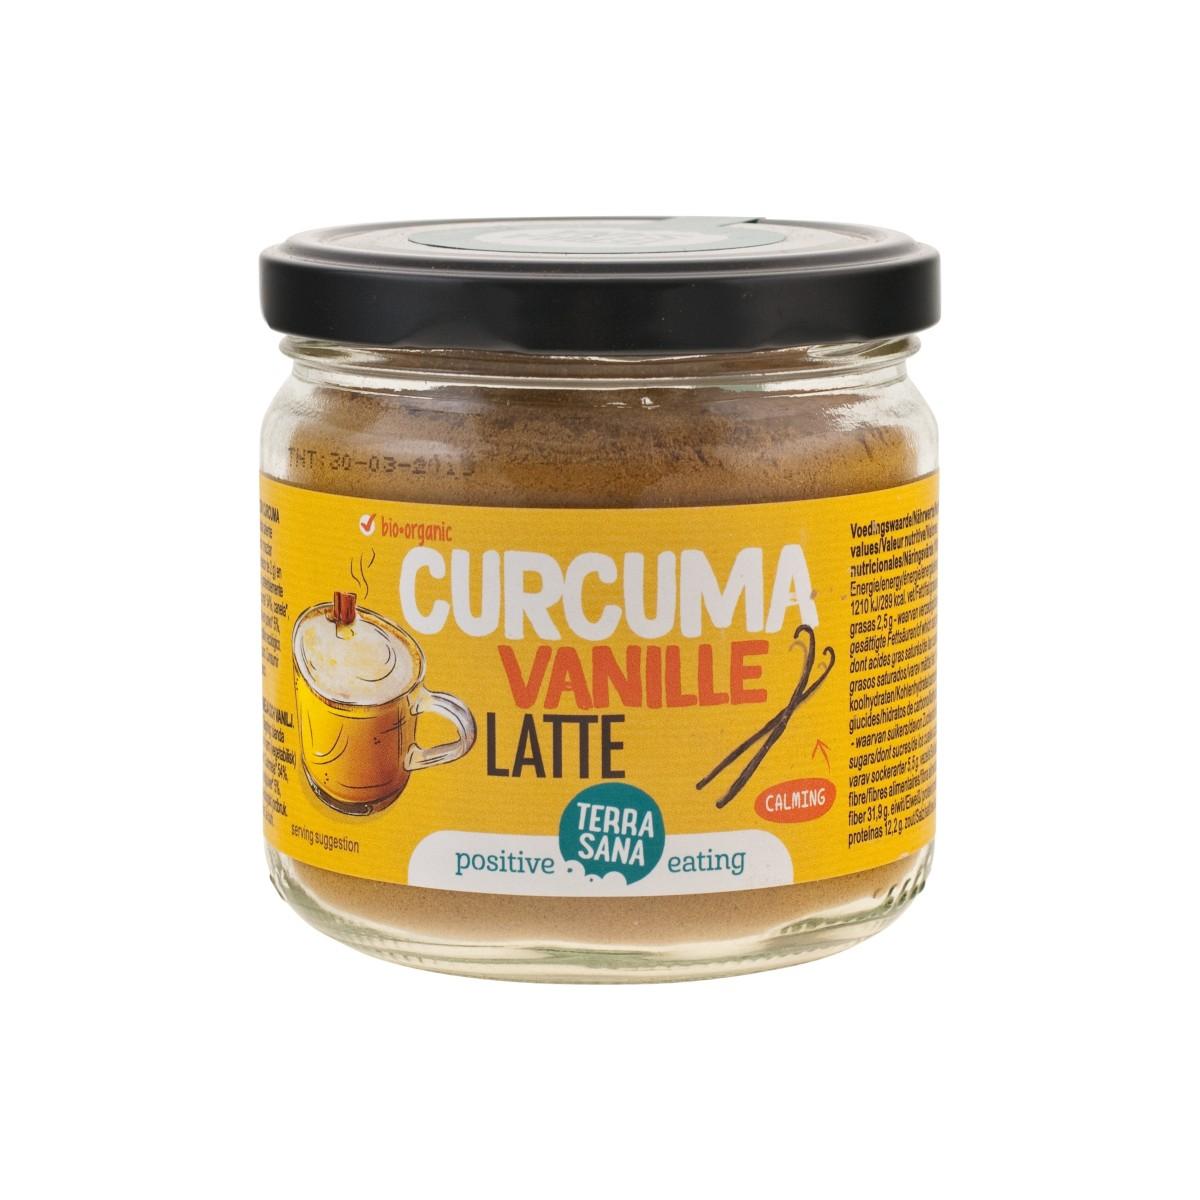 Curcuma Vanilla Latte